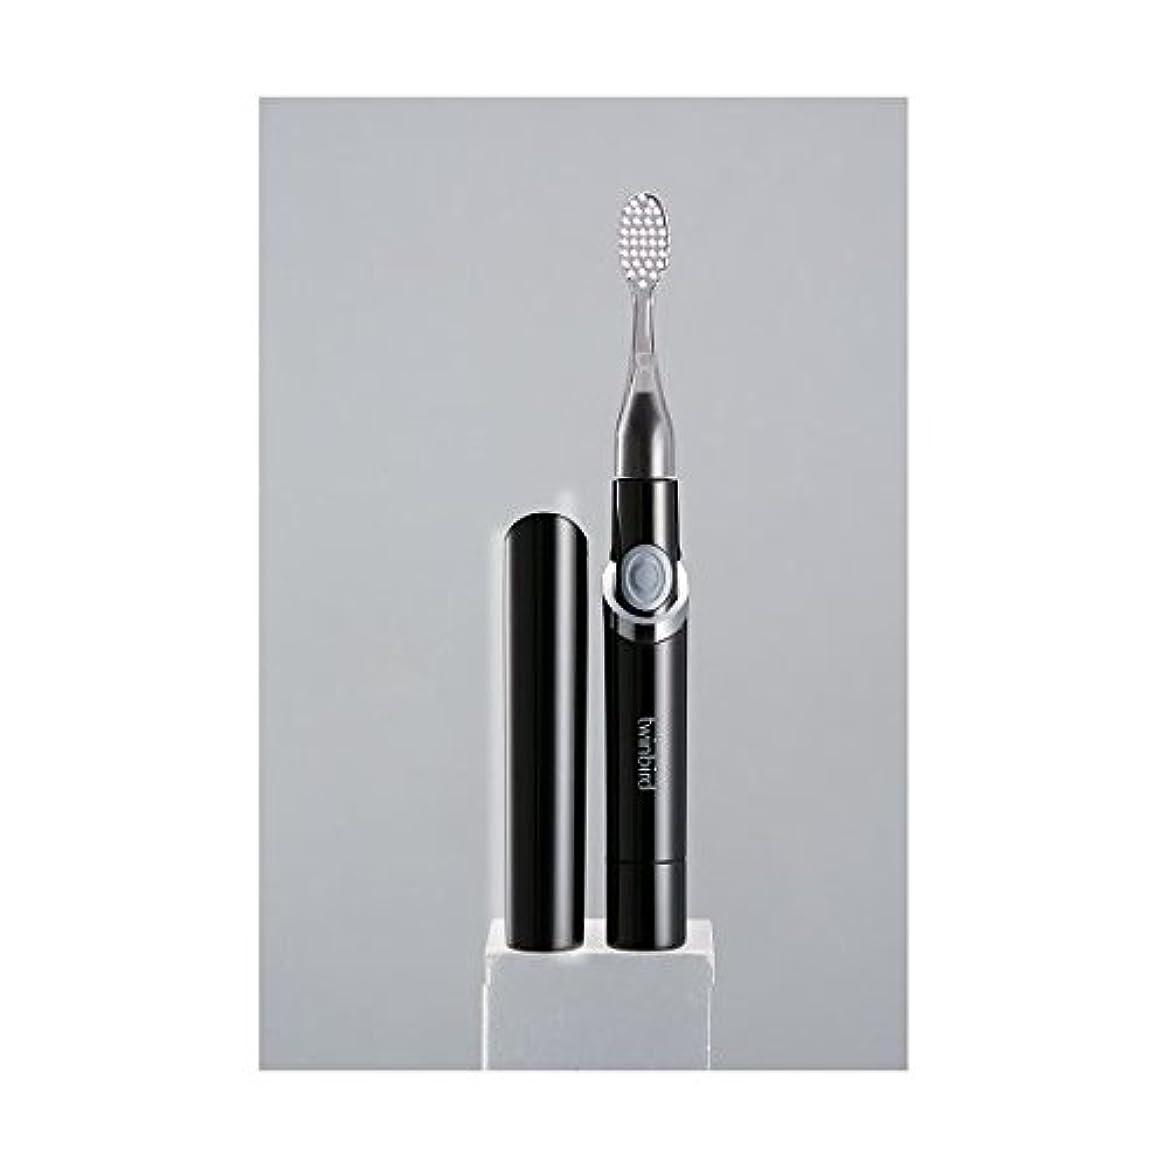 動利用可能湿度(まとめ)ツインバード 音波振動式歯ブラシ ブラック BD-2741B【×2セット】 ダイエット 健康 オーラルケア 歯ブラシ [並行輸入品]